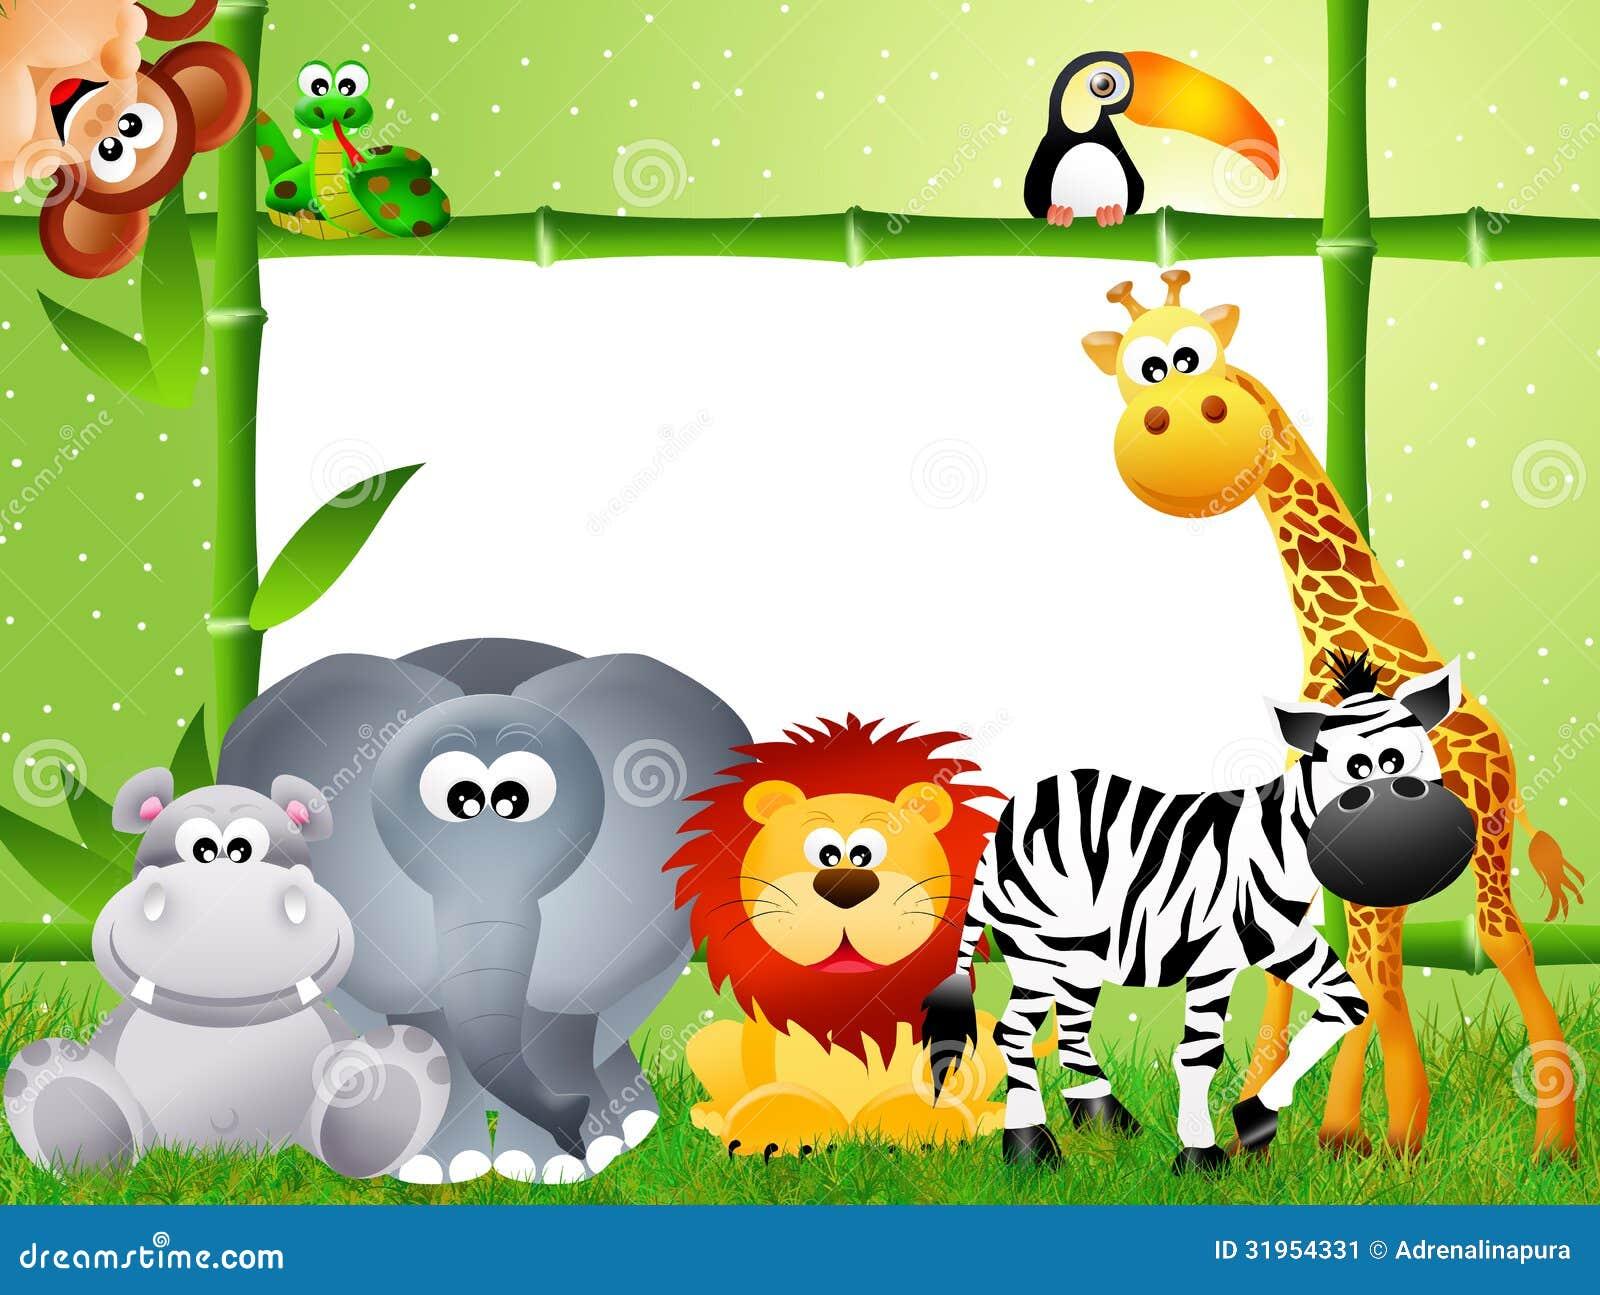 Desenhos Animados Do Animal Do Safari Imagem de Stock - Imagem ...